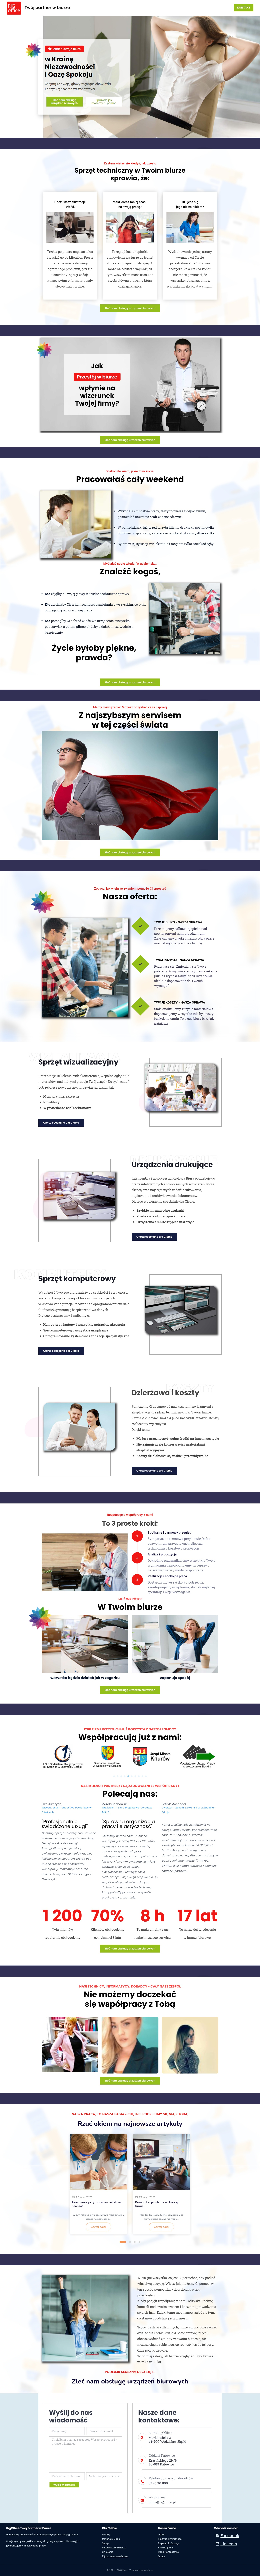 Strona firmy uslugowej